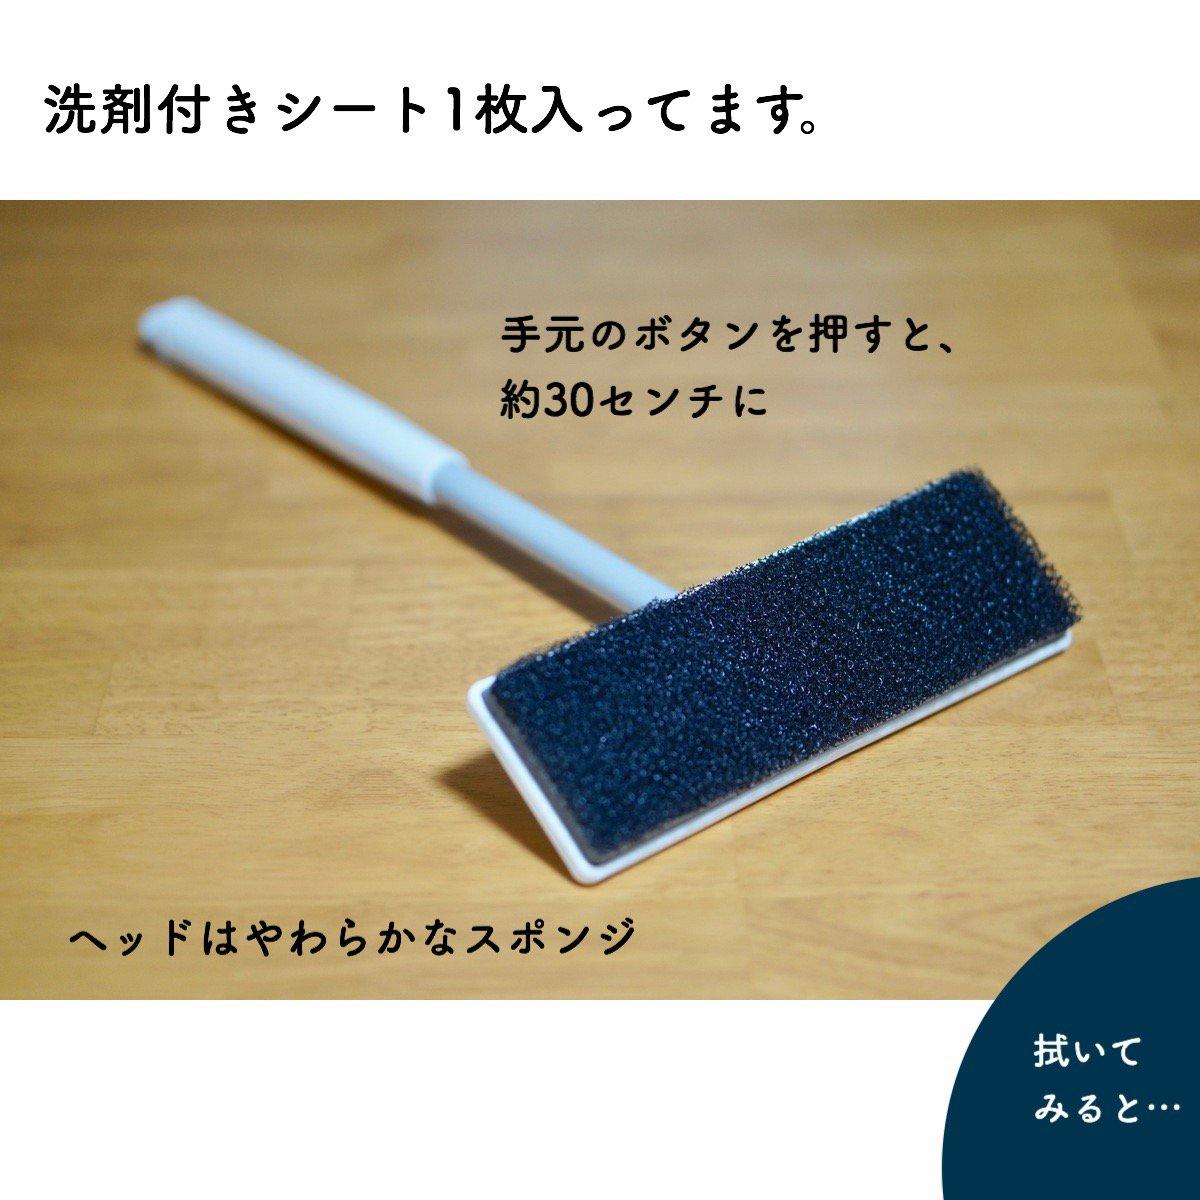 test ツイッターメディア - お掃除グッズを使ってみた?? (網戸編)#ダイソー  ダイソーの網戸用お掃除シートは厚みもあり、しっかり汚れを落とすことができる!ただ、細かい部分の汚れは拭き取れず…こまめな掃除をする方に向いてるグッズ??  続きをみる▽ https://t.co/o25x8Jk1Xe https://t.co/EoT3NqV0Td